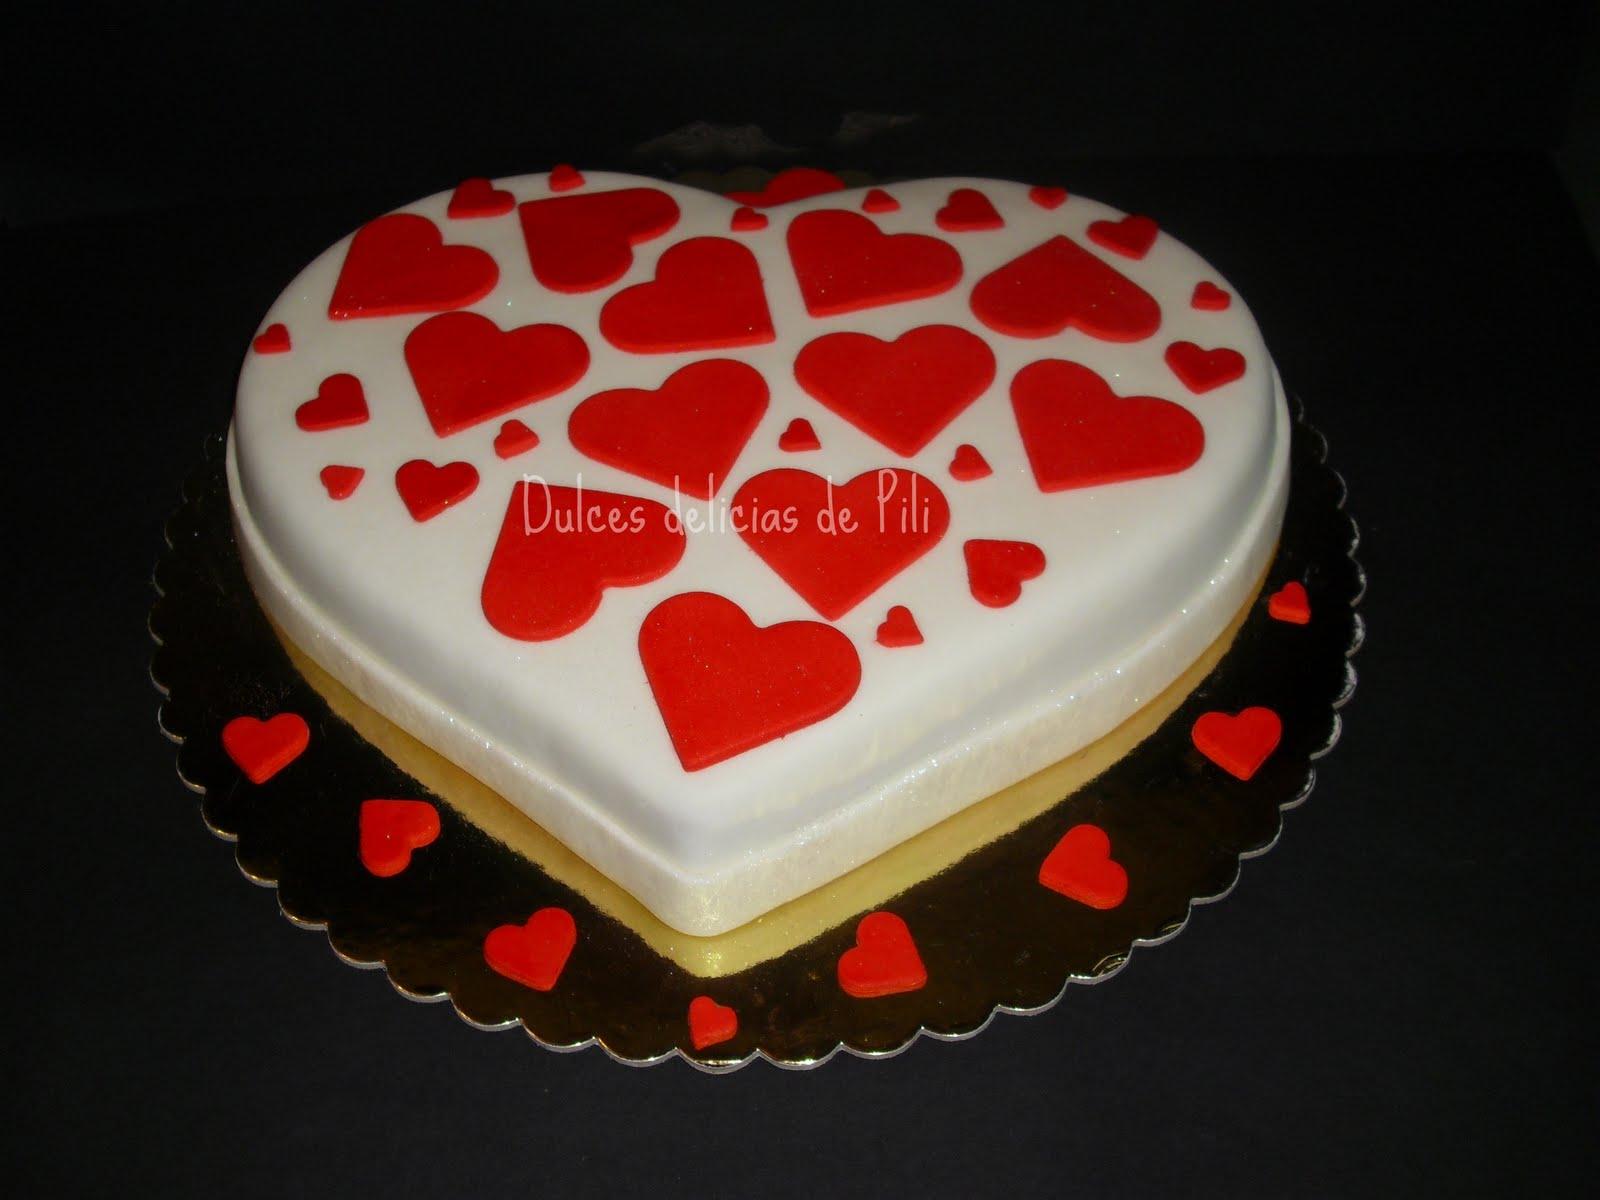 ... de bodas muy especial hice esta torta en forma de corazon lleno de